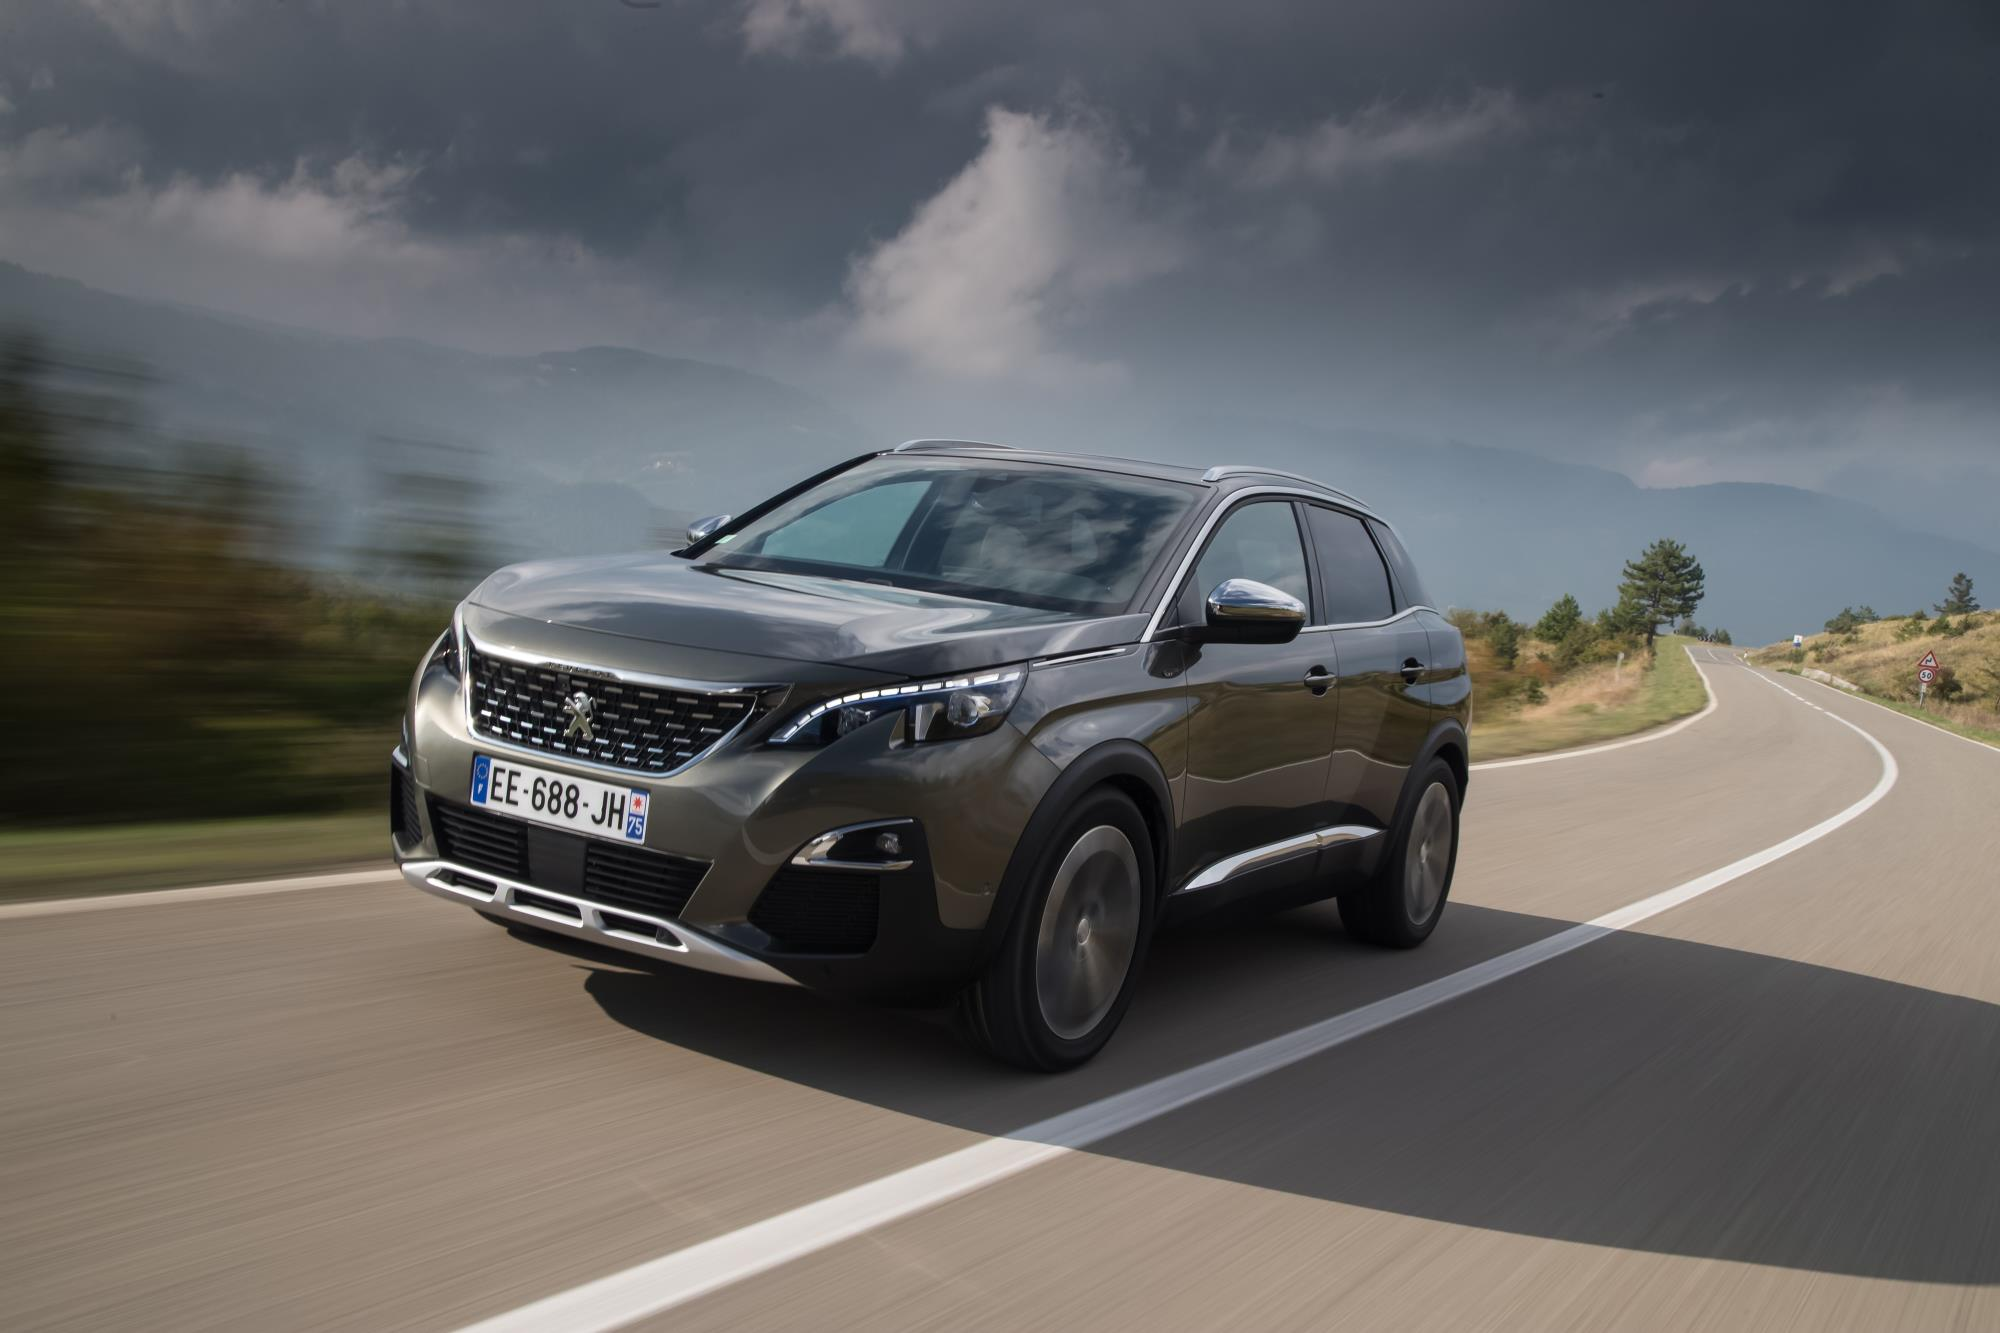 Foto: Peugeot con EAT8